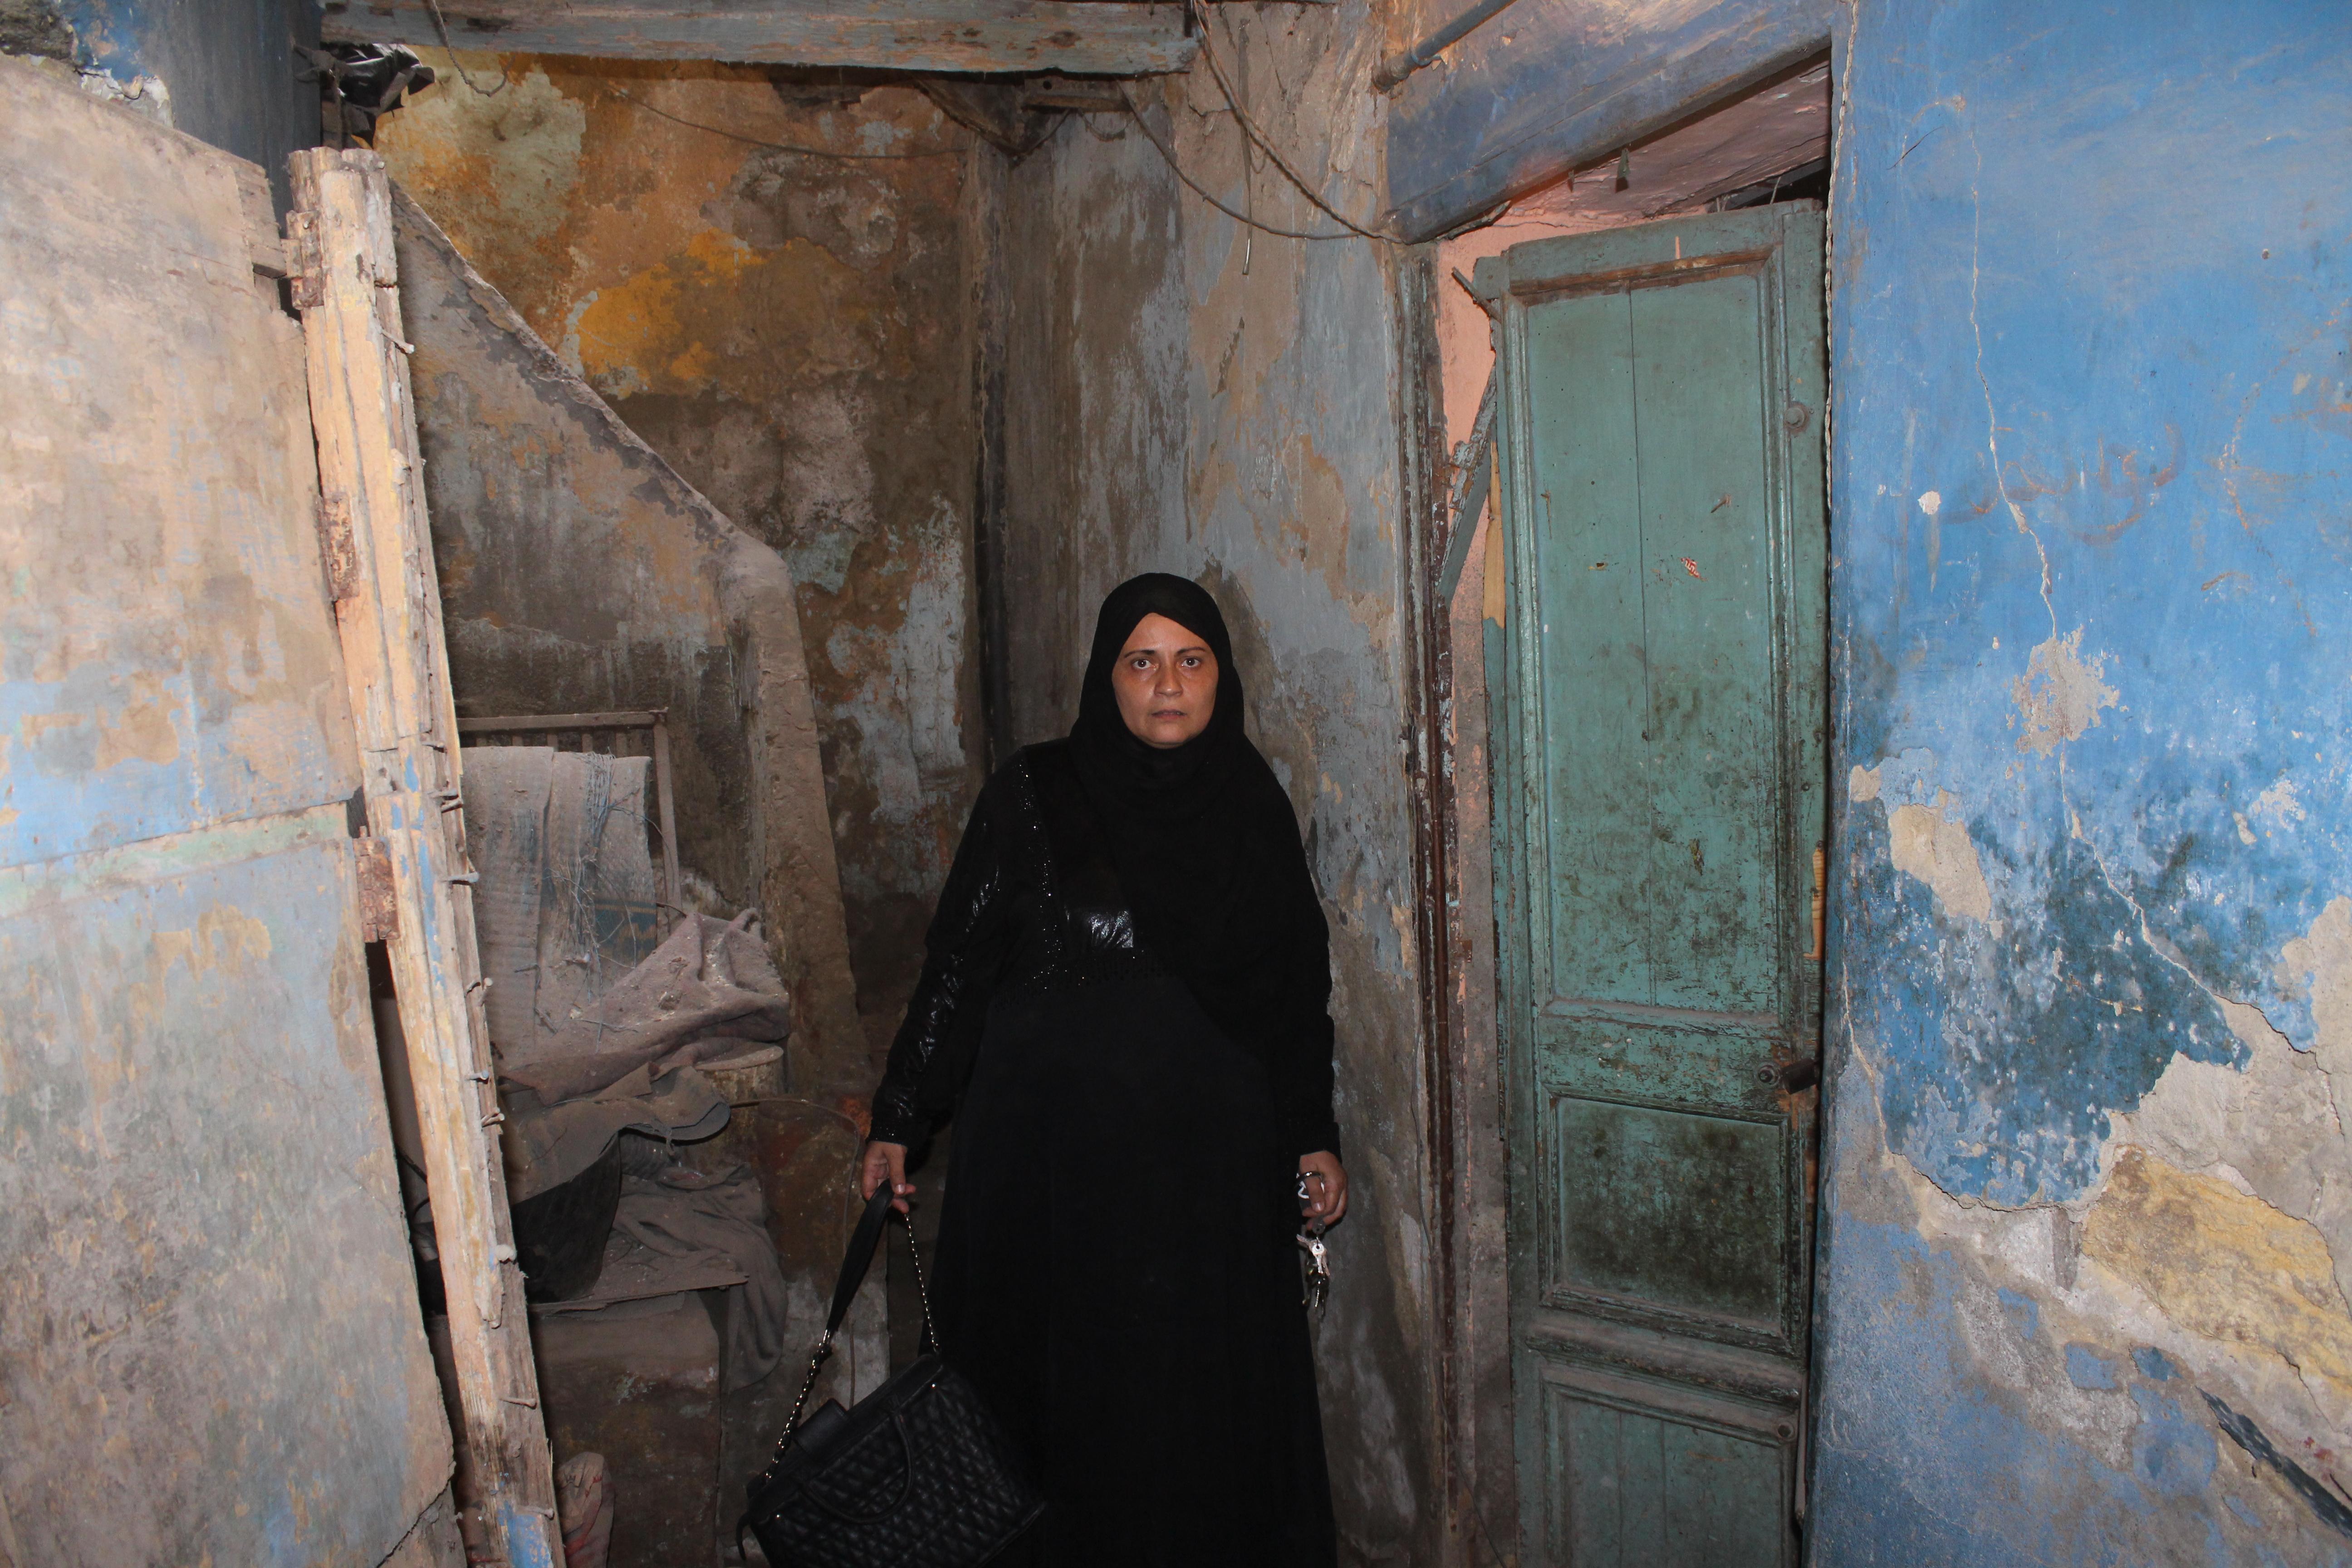 السيدة أمال محمد أحد سكان مثلث ماسبيرو